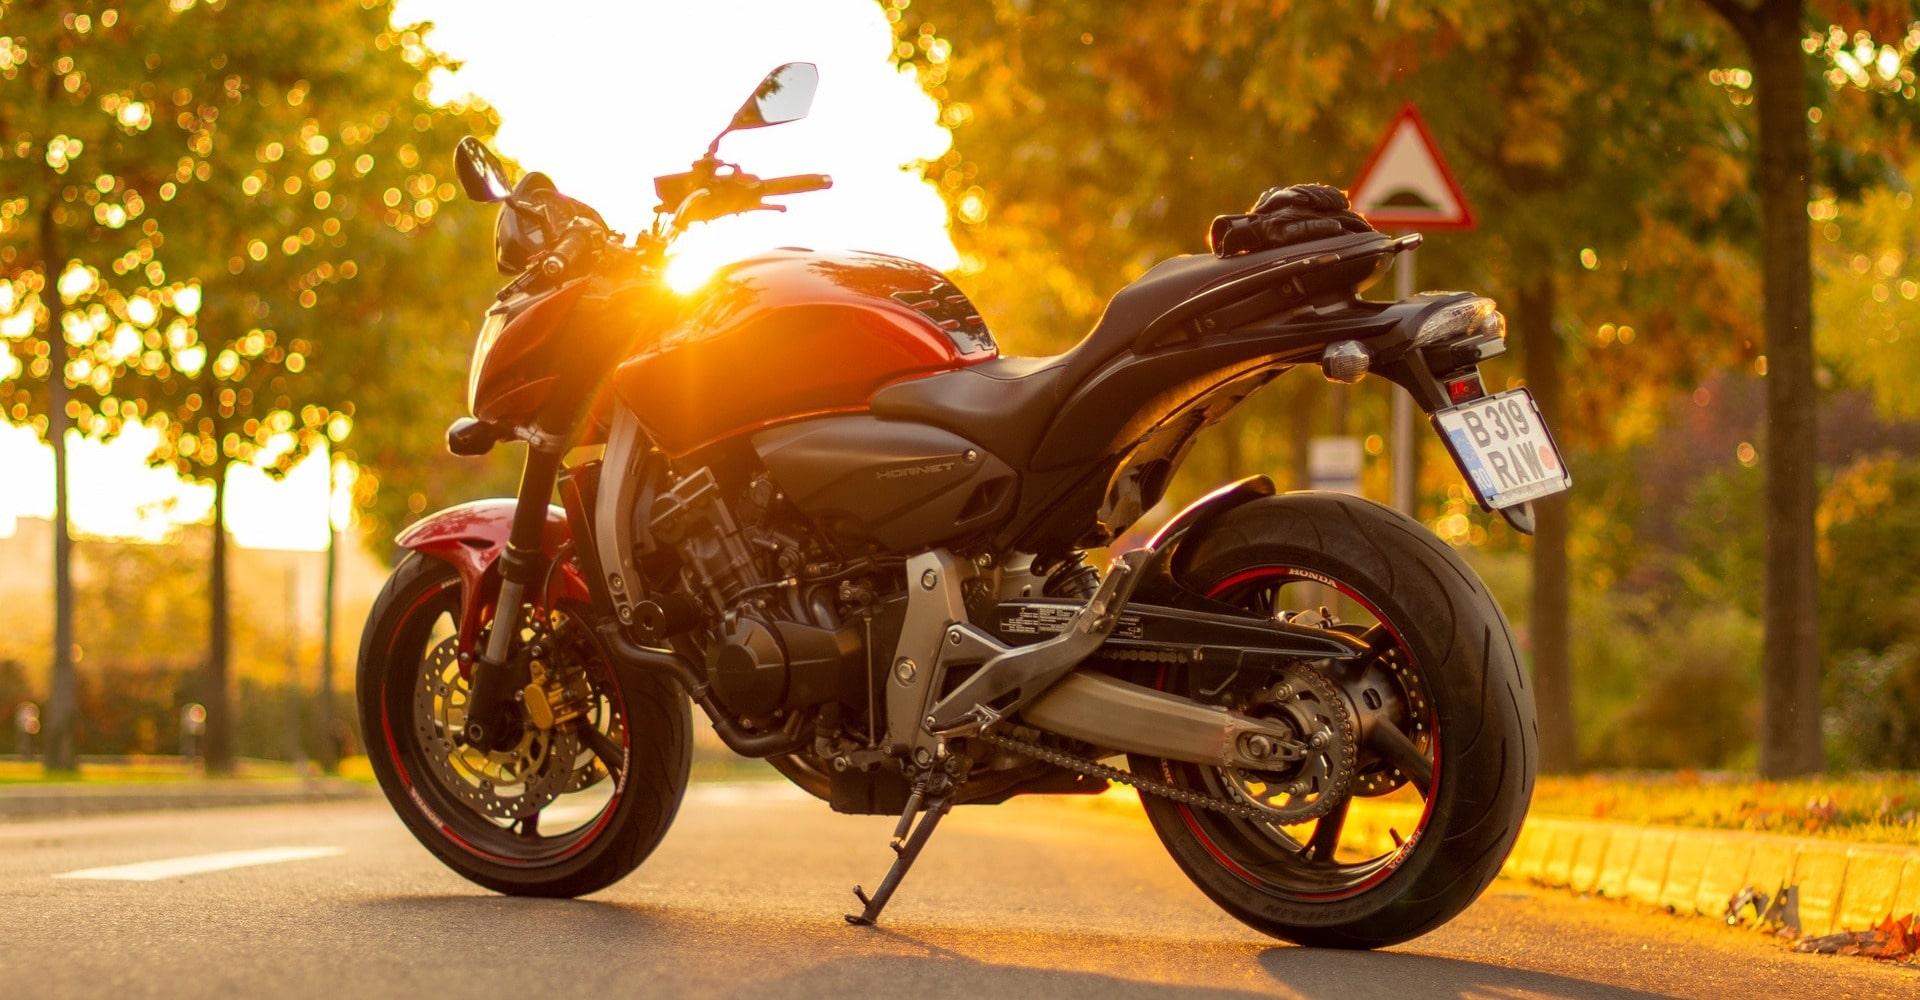 Sélection pour trouver le meilleur support téléphone pour moto